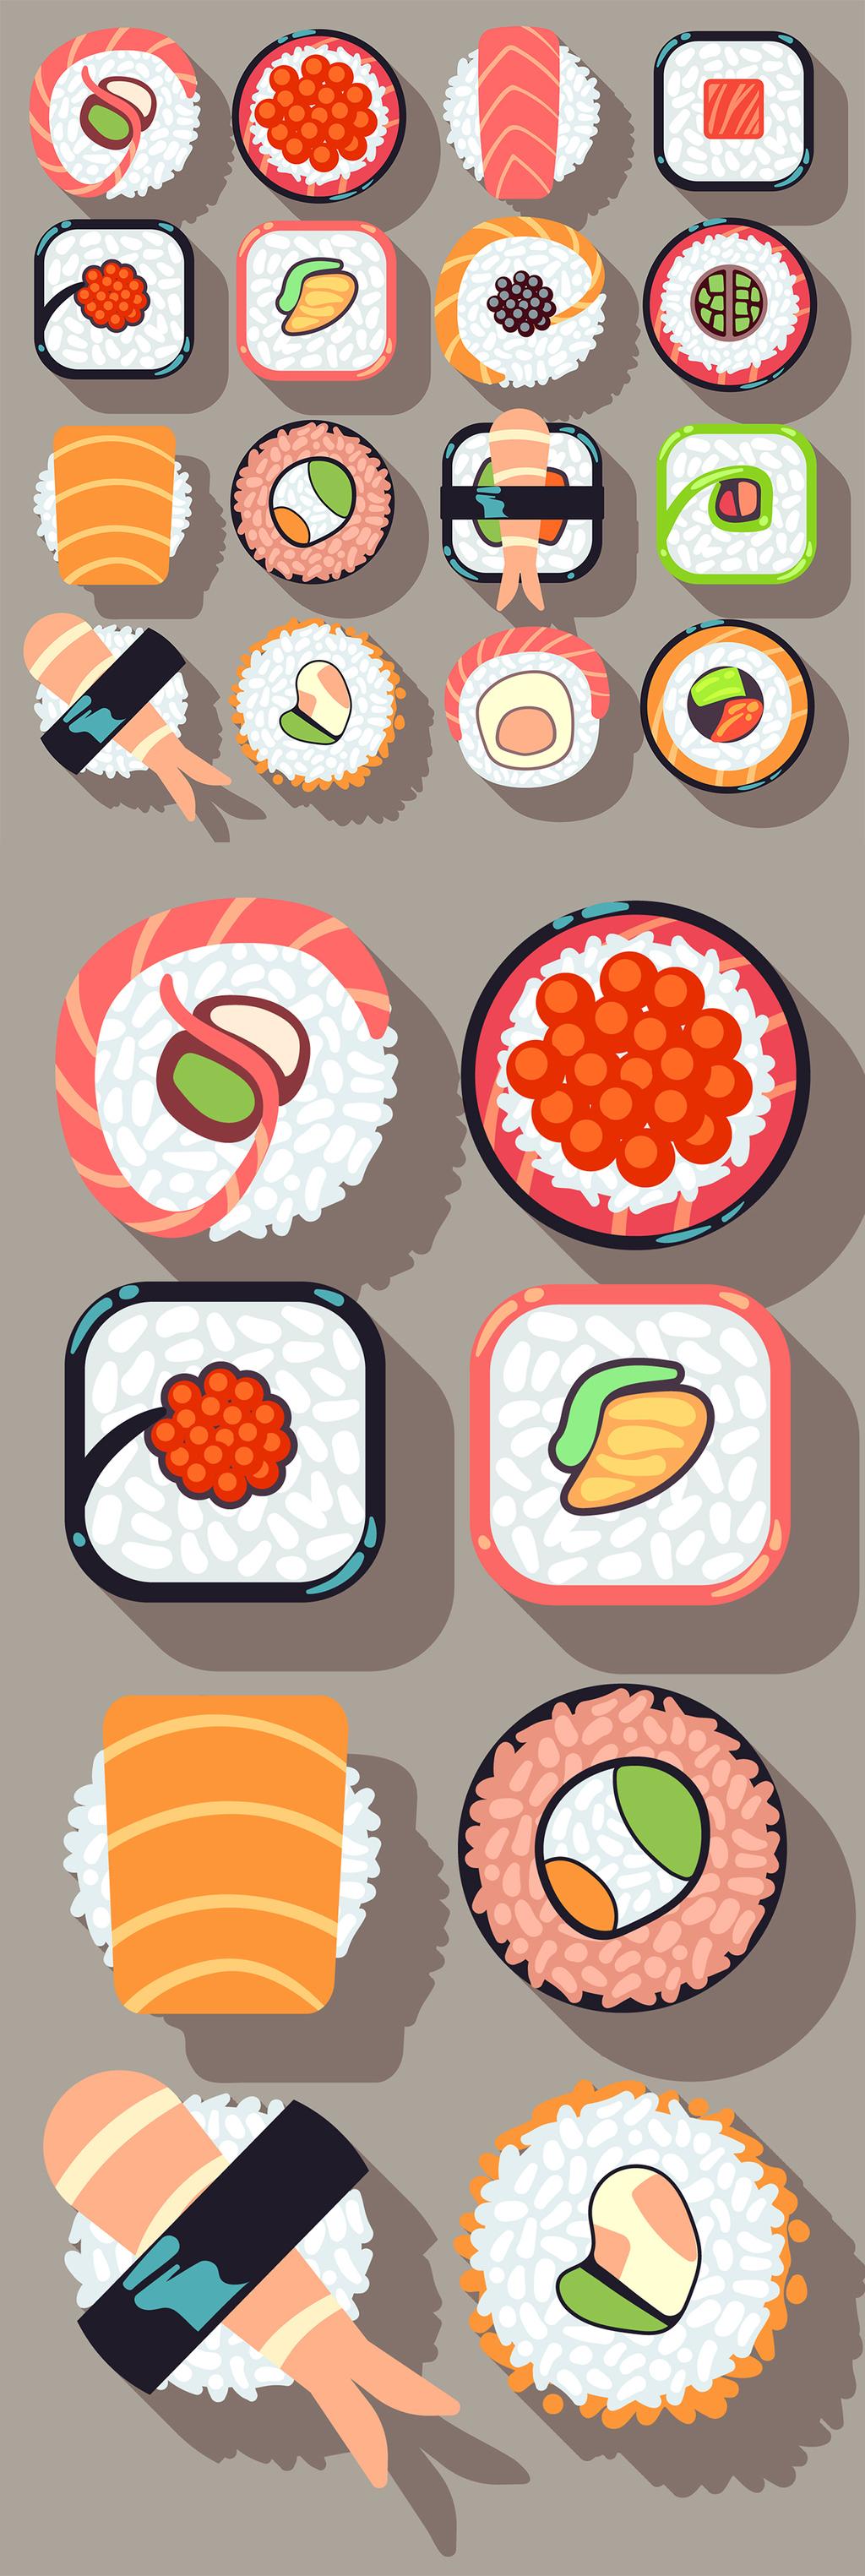 日本食物                                    韩国食物